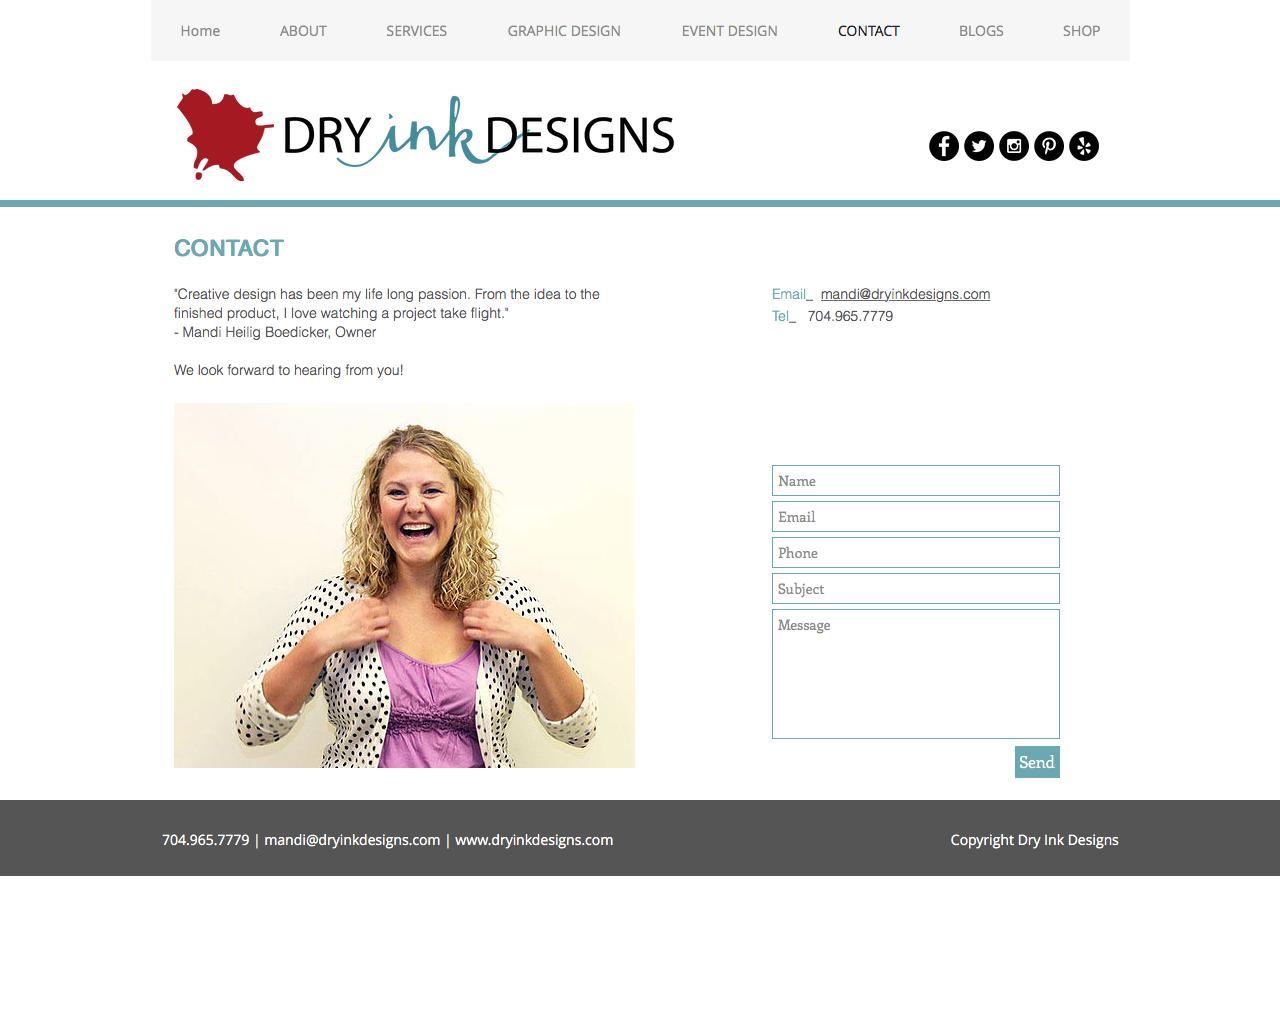 Screenshot of dryinkdesigns.com - Contact - captured June 5, 2017